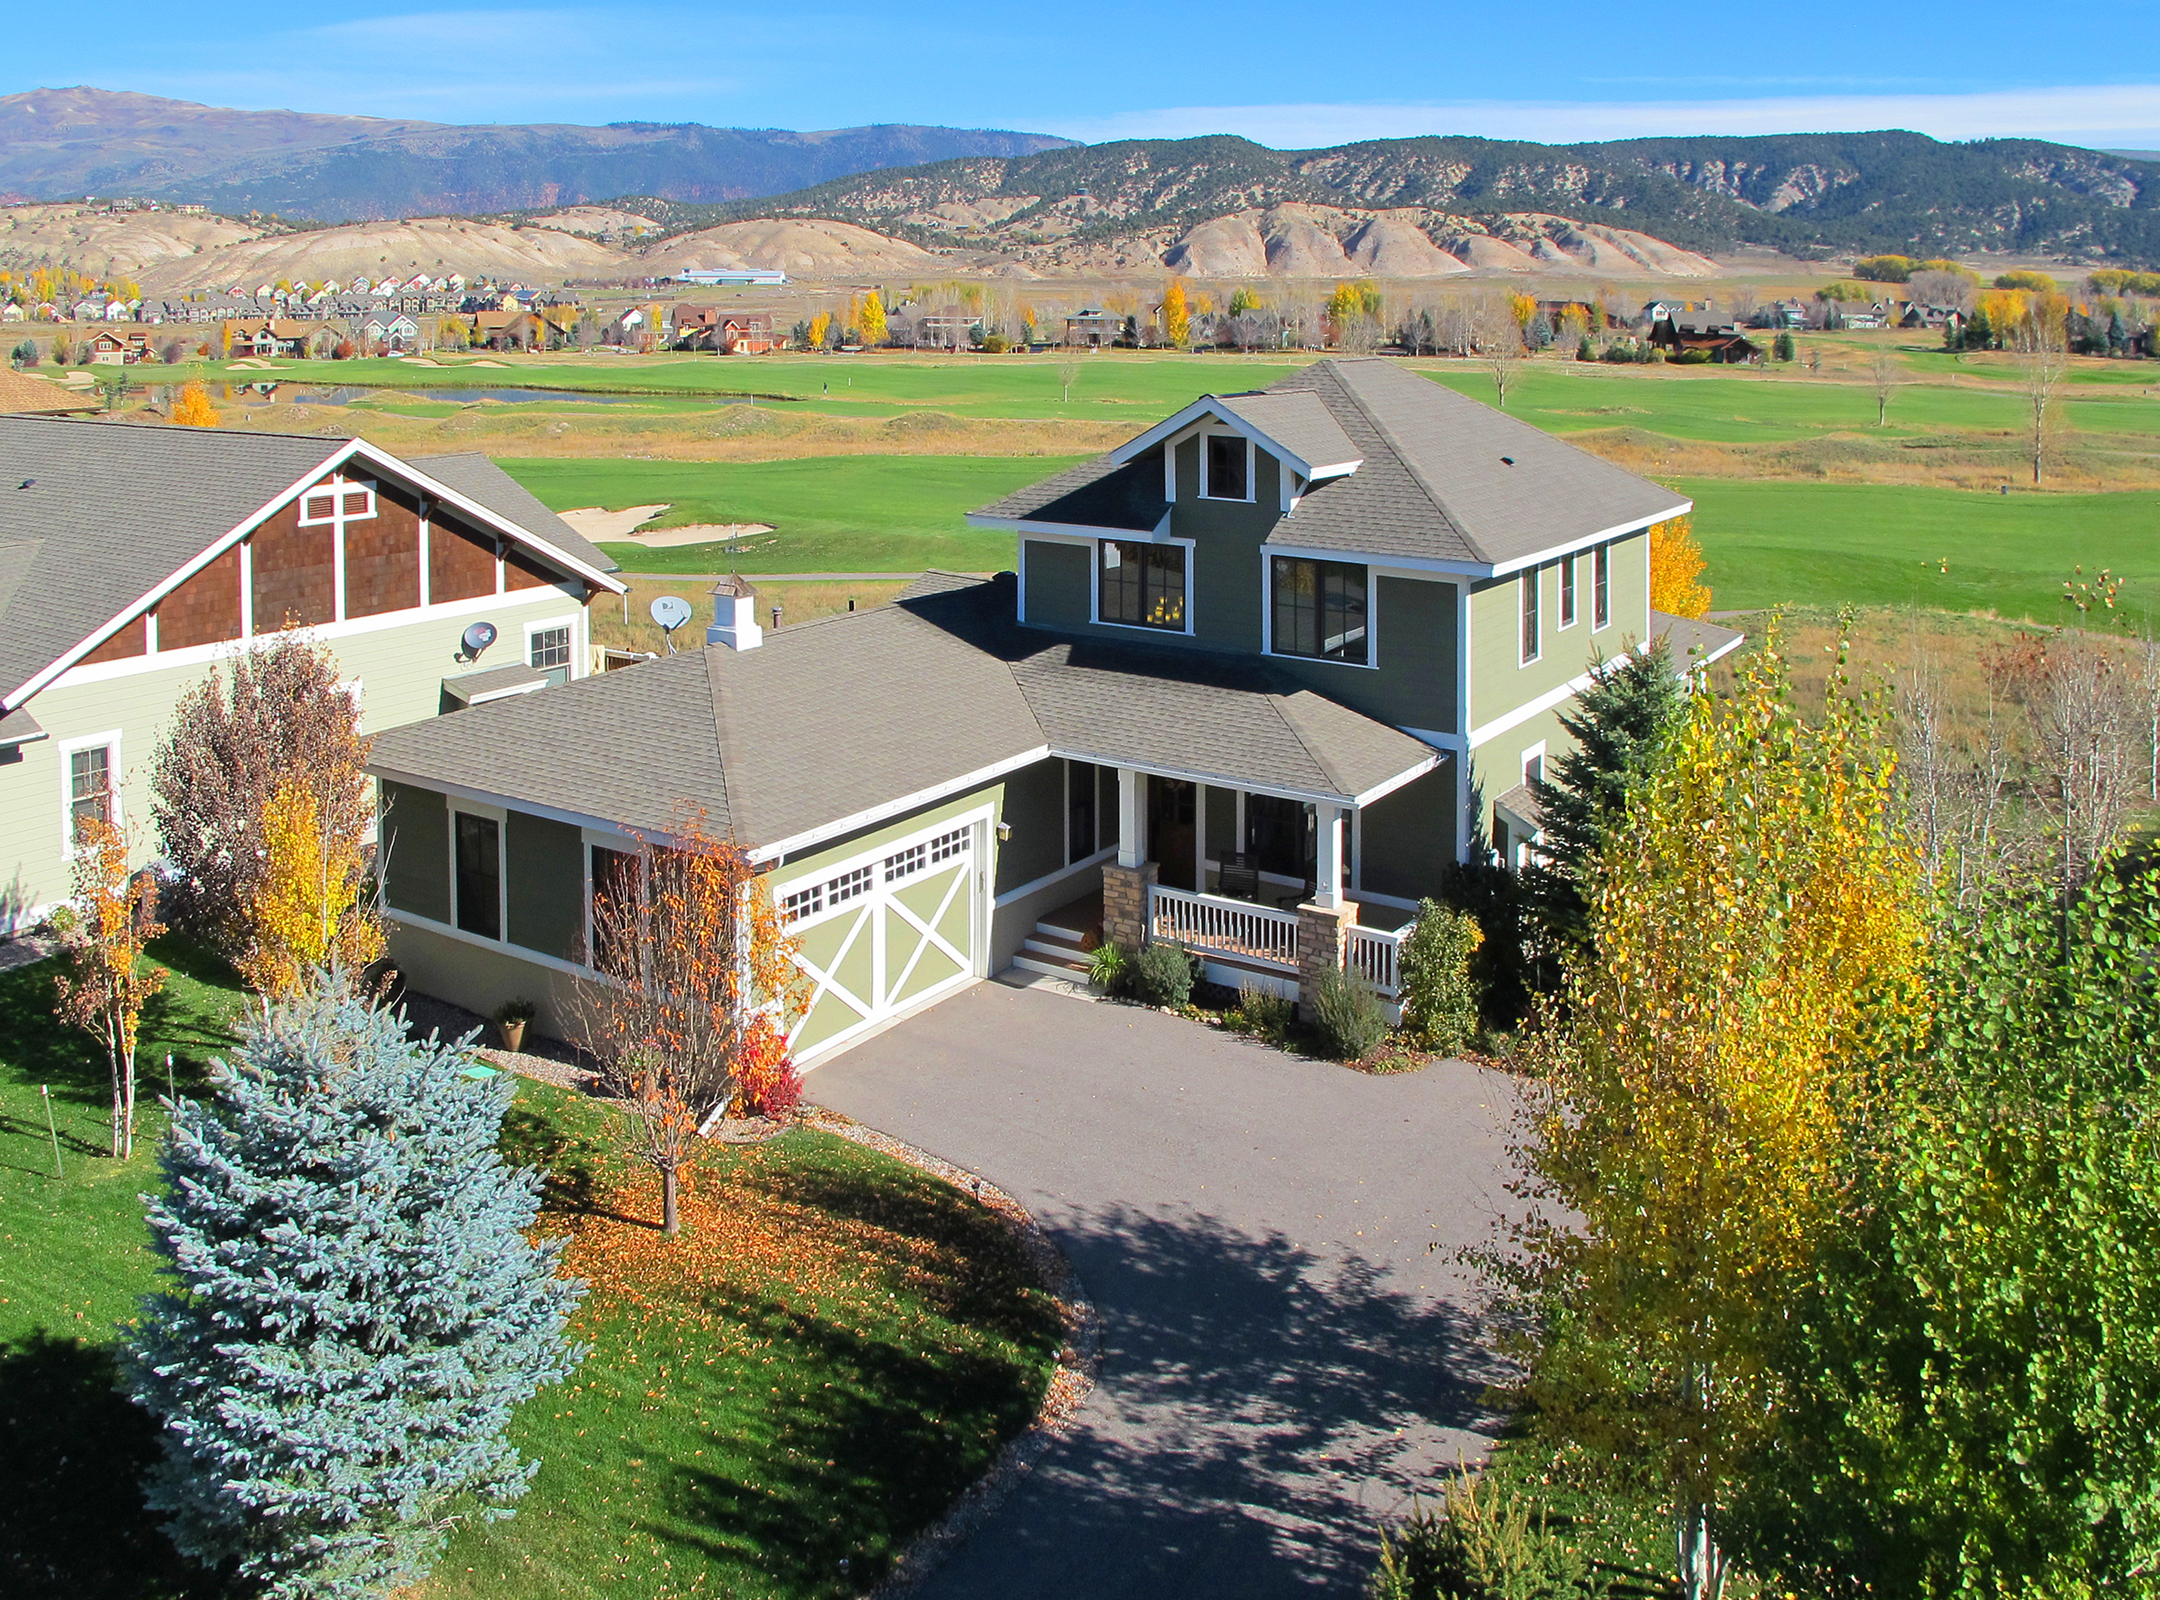 Aerial Image of Aidan's Meadow